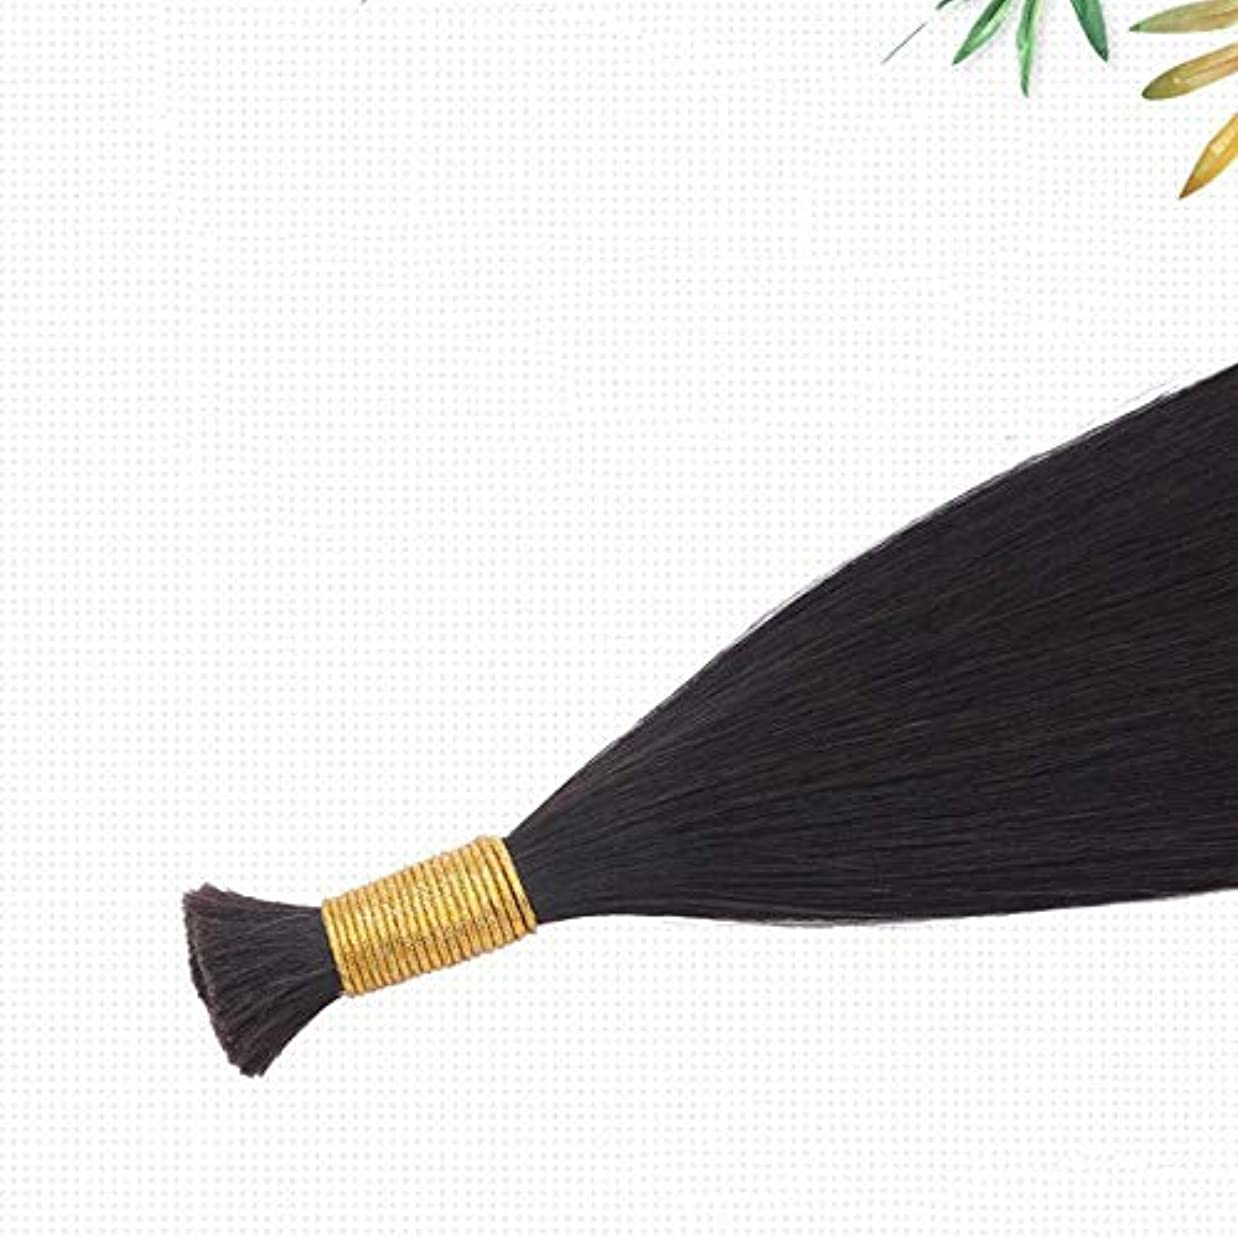 商人肺トラブルJULYTER ナノリングヘアエクステンション100%存在する人間の髪の毛マイクロナノ50G /フリーリングは含まれています(生物学的色) (色 : Natural color, サイズ : 70cm)